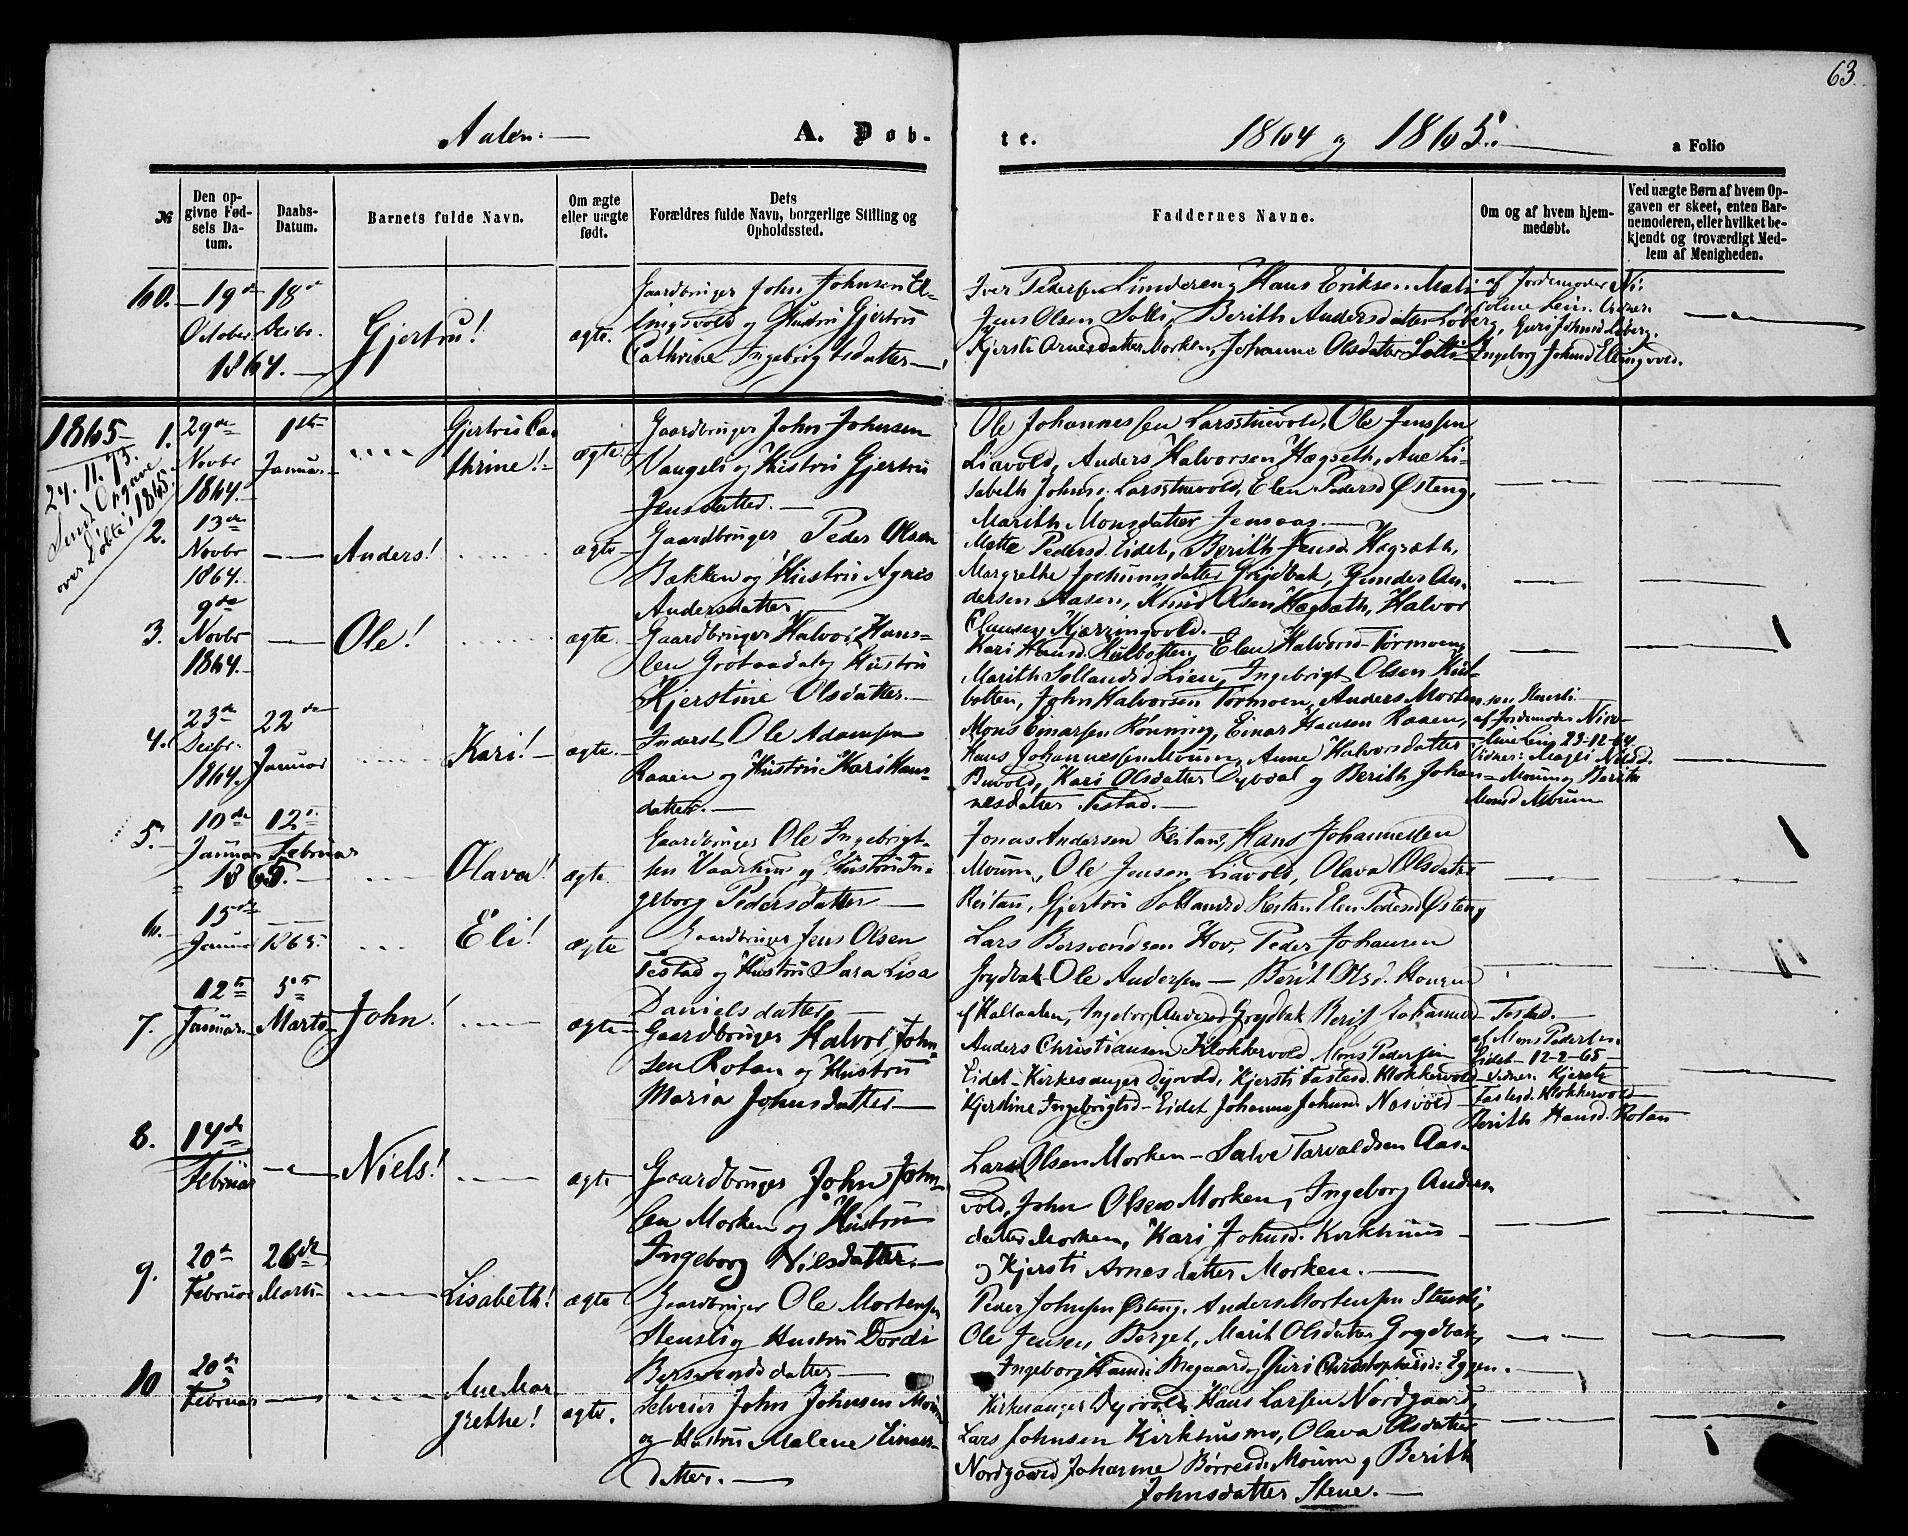 SAT, Ministerialprotokoller, klokkerbøker og fødselsregistre - Sør-Trøndelag, 685/L0968: Ministerialbok nr. 685A07 /3, 1860-1869, s. 63